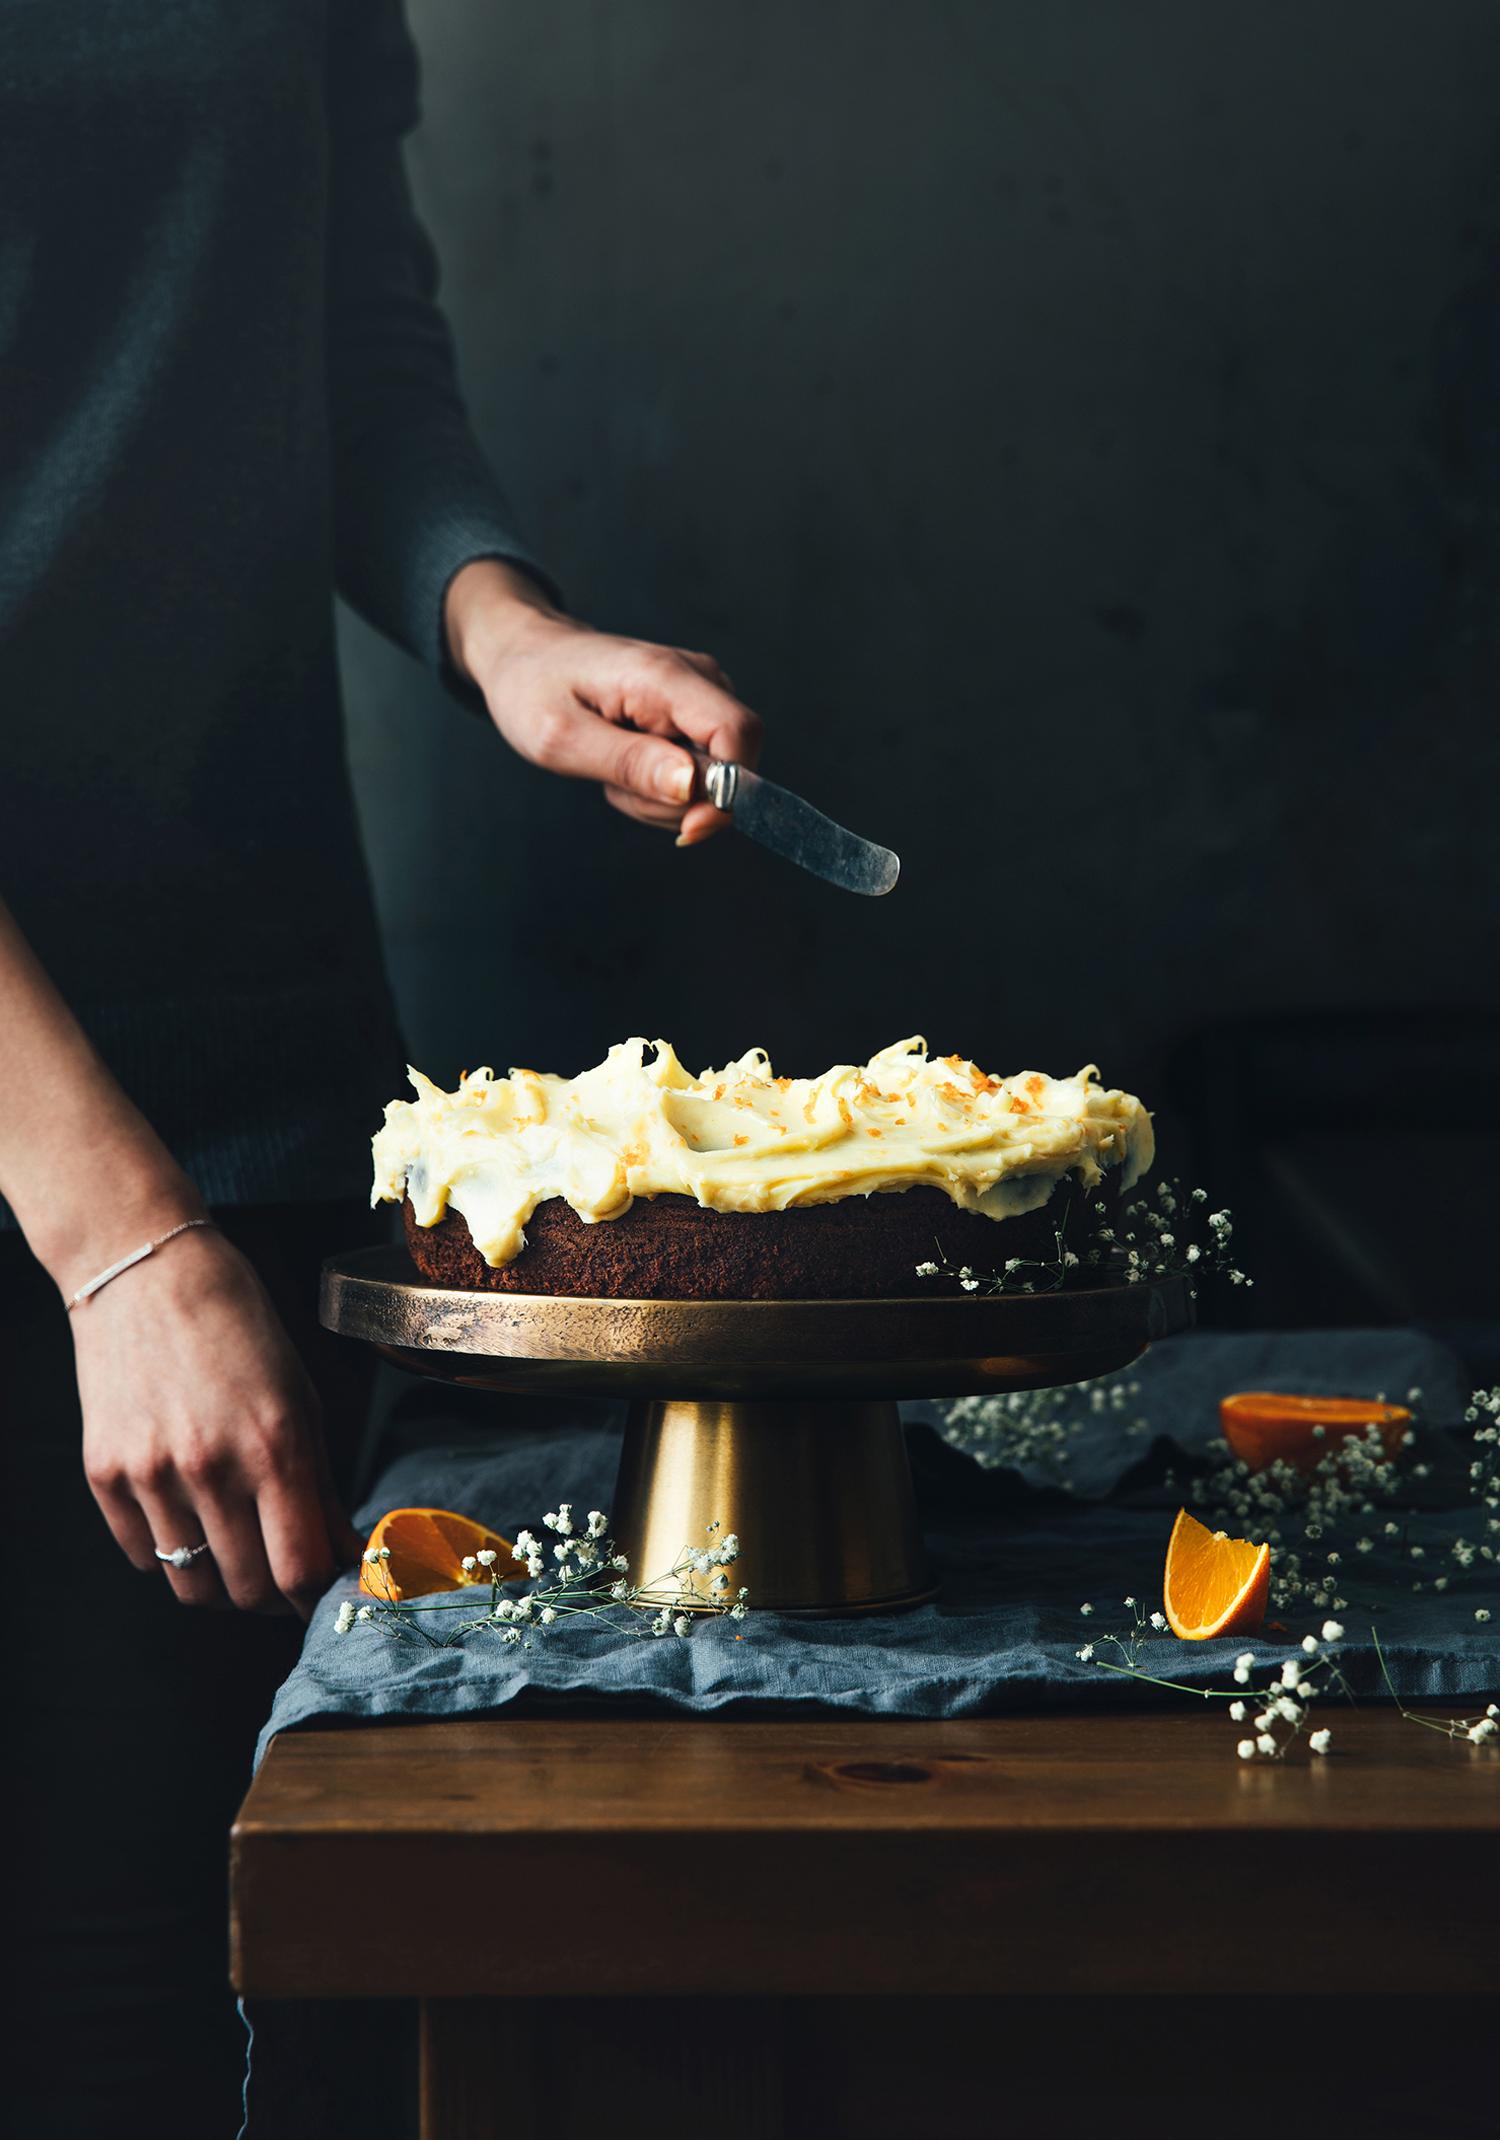 Gâteau au chocolat & glaçage au fromage à la crème et au chocolat blanc ( sans oeufs)